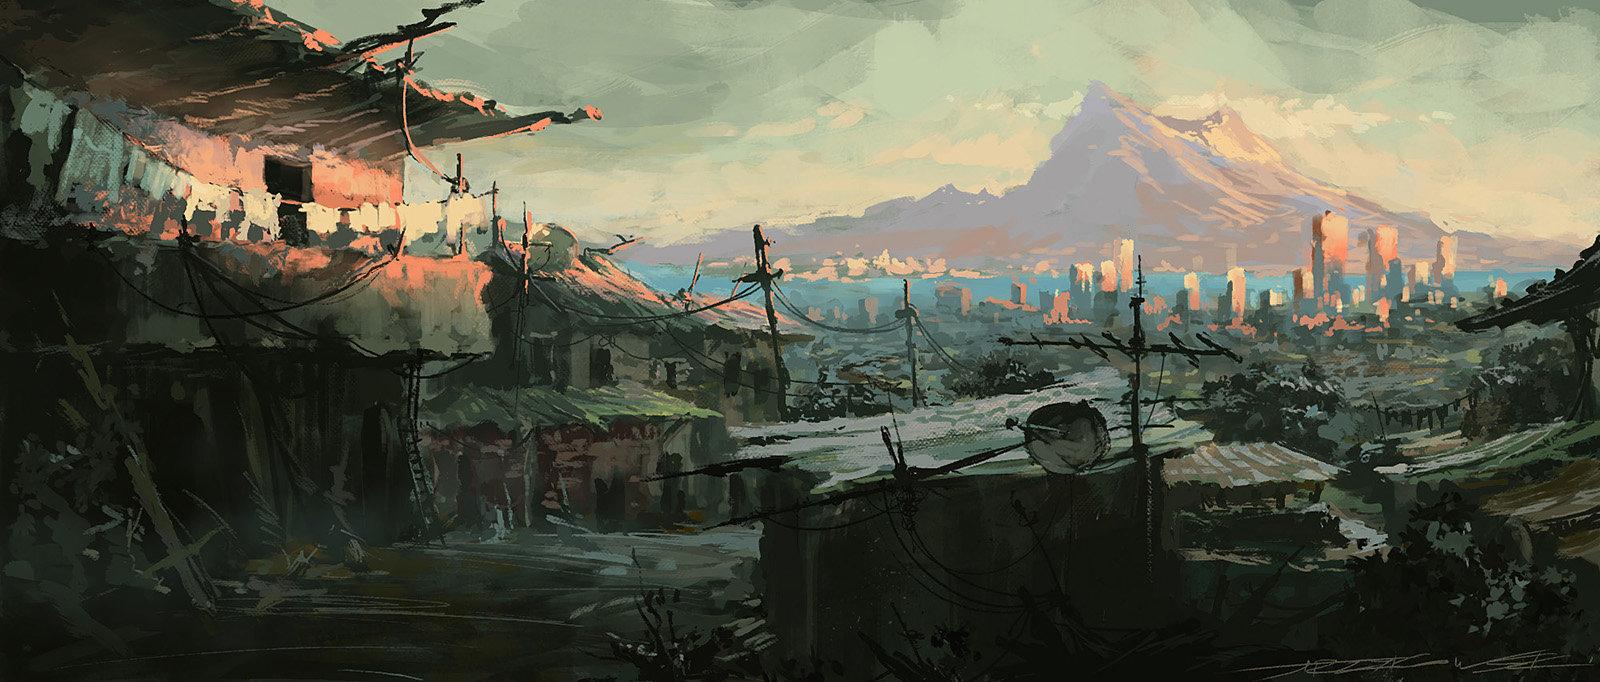 Volcano City